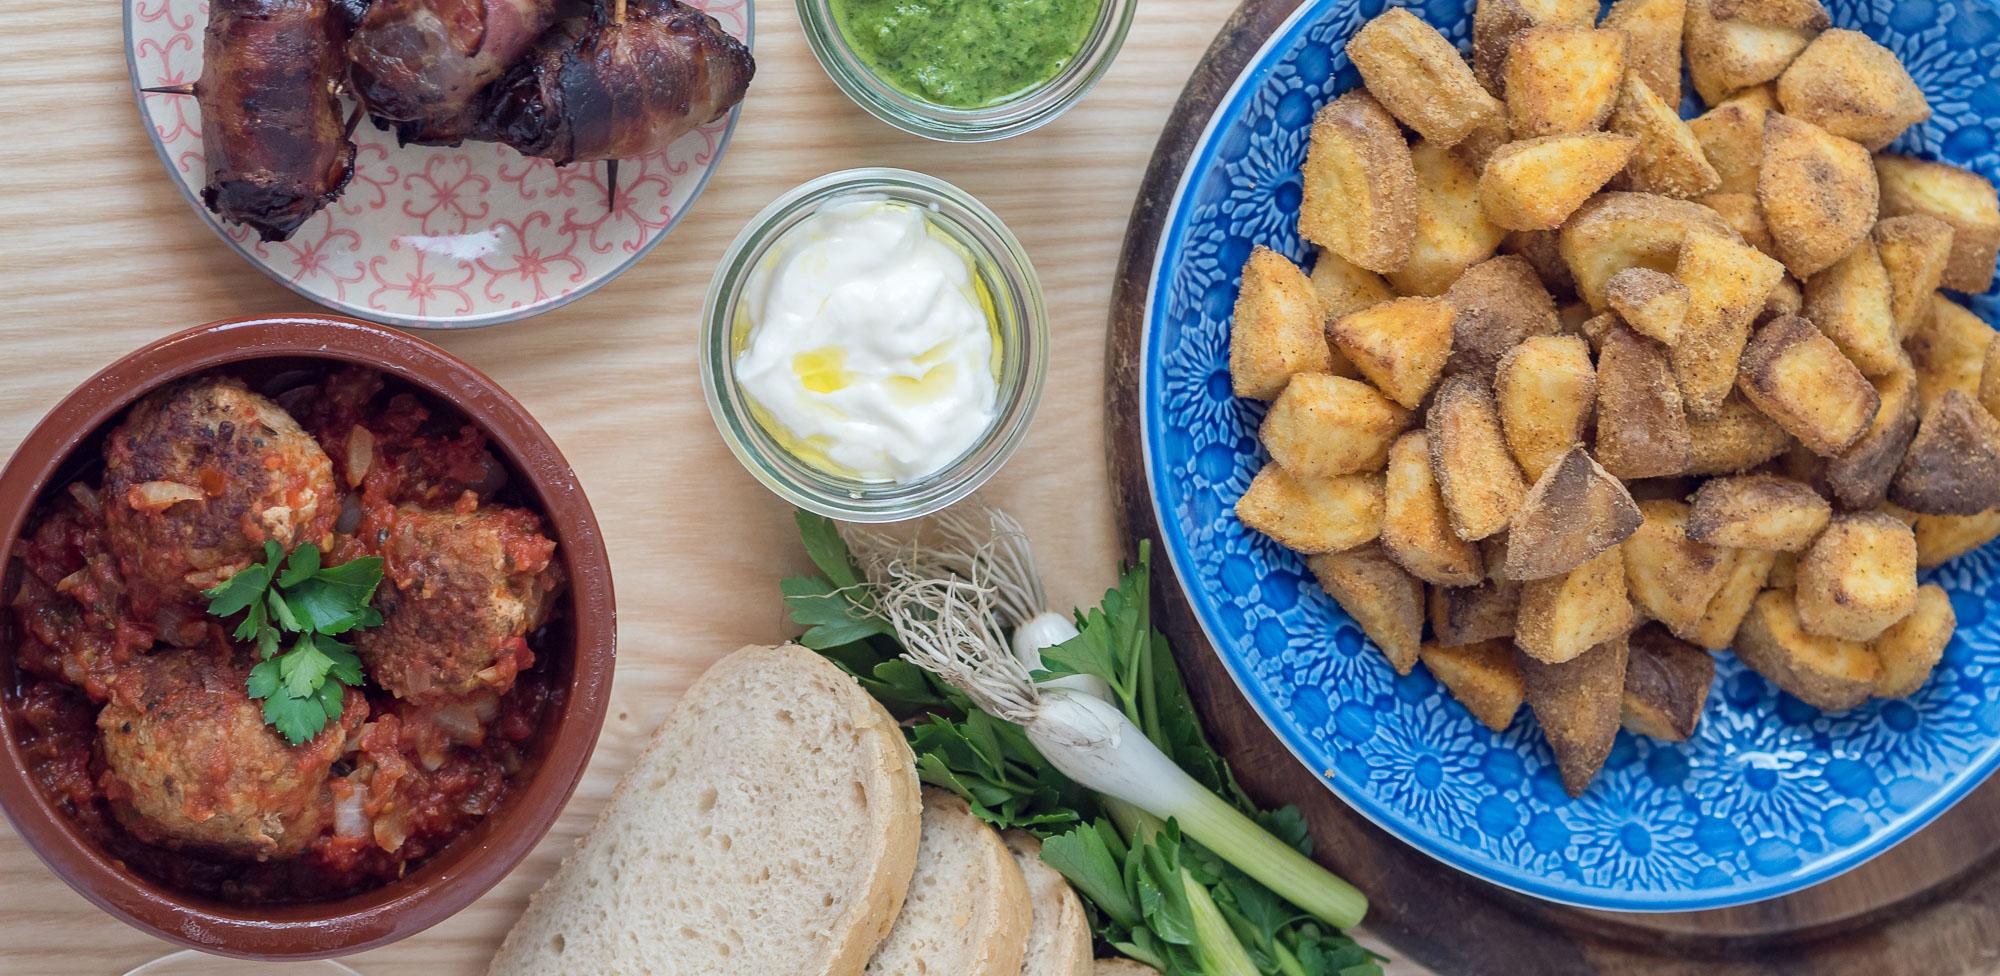 Meine 3 liebsten Tapas Rezepte, Albondigas mit Tomatensauce, Aioli selbermachen, mit diesem Trick werden die Patatas Bravas auch ohne Fritteuse knusprig, Mojo verde zu spanischen Tapas servieren, Datteln im Speckmantel zubereiten, spanische Tapas Rezepte, einfache spanische Tapas Rezepte für Zuhause, schnelle Tapas für einen Abend mit Freunden, Foodblog, www.amigaprincess.com #tapasrezepte #spanischetapas